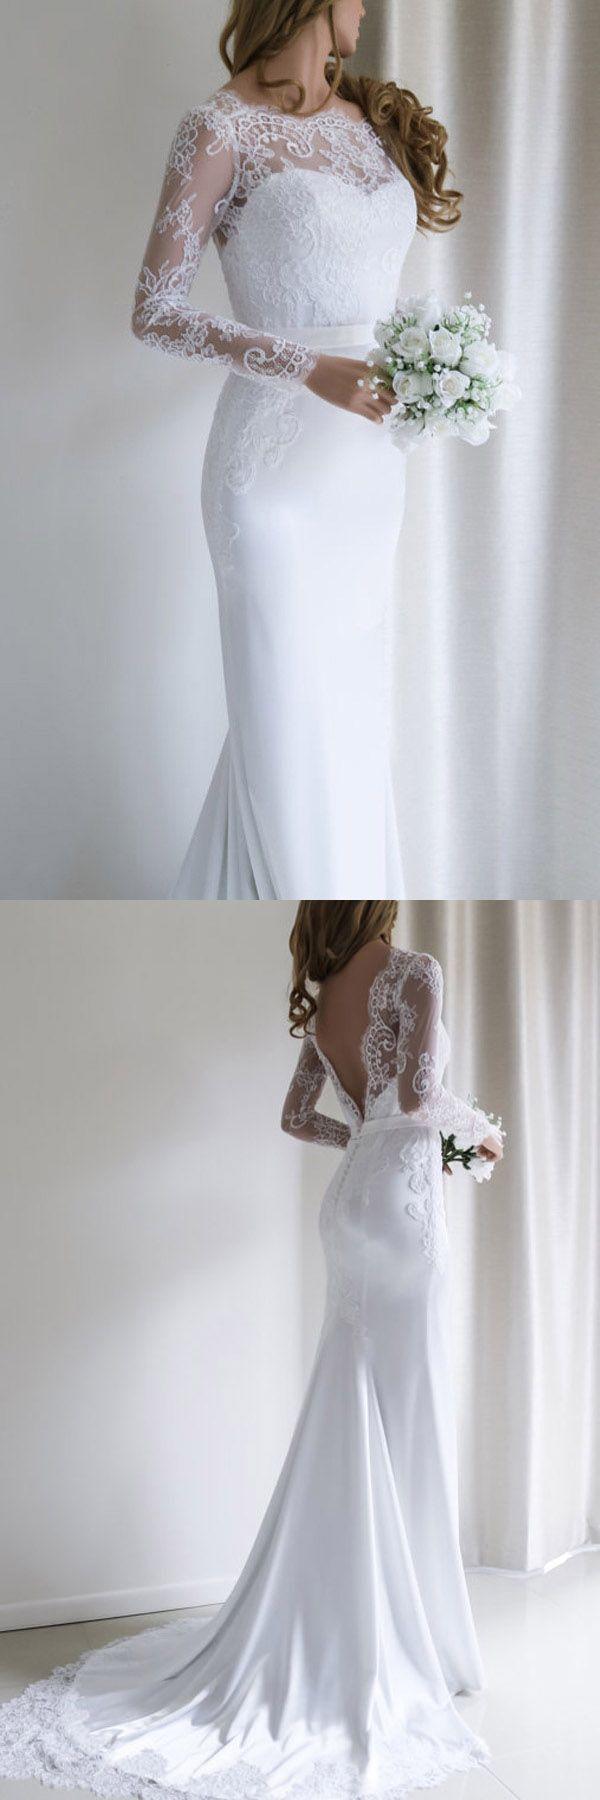 Ashrae sharma wedding dresses